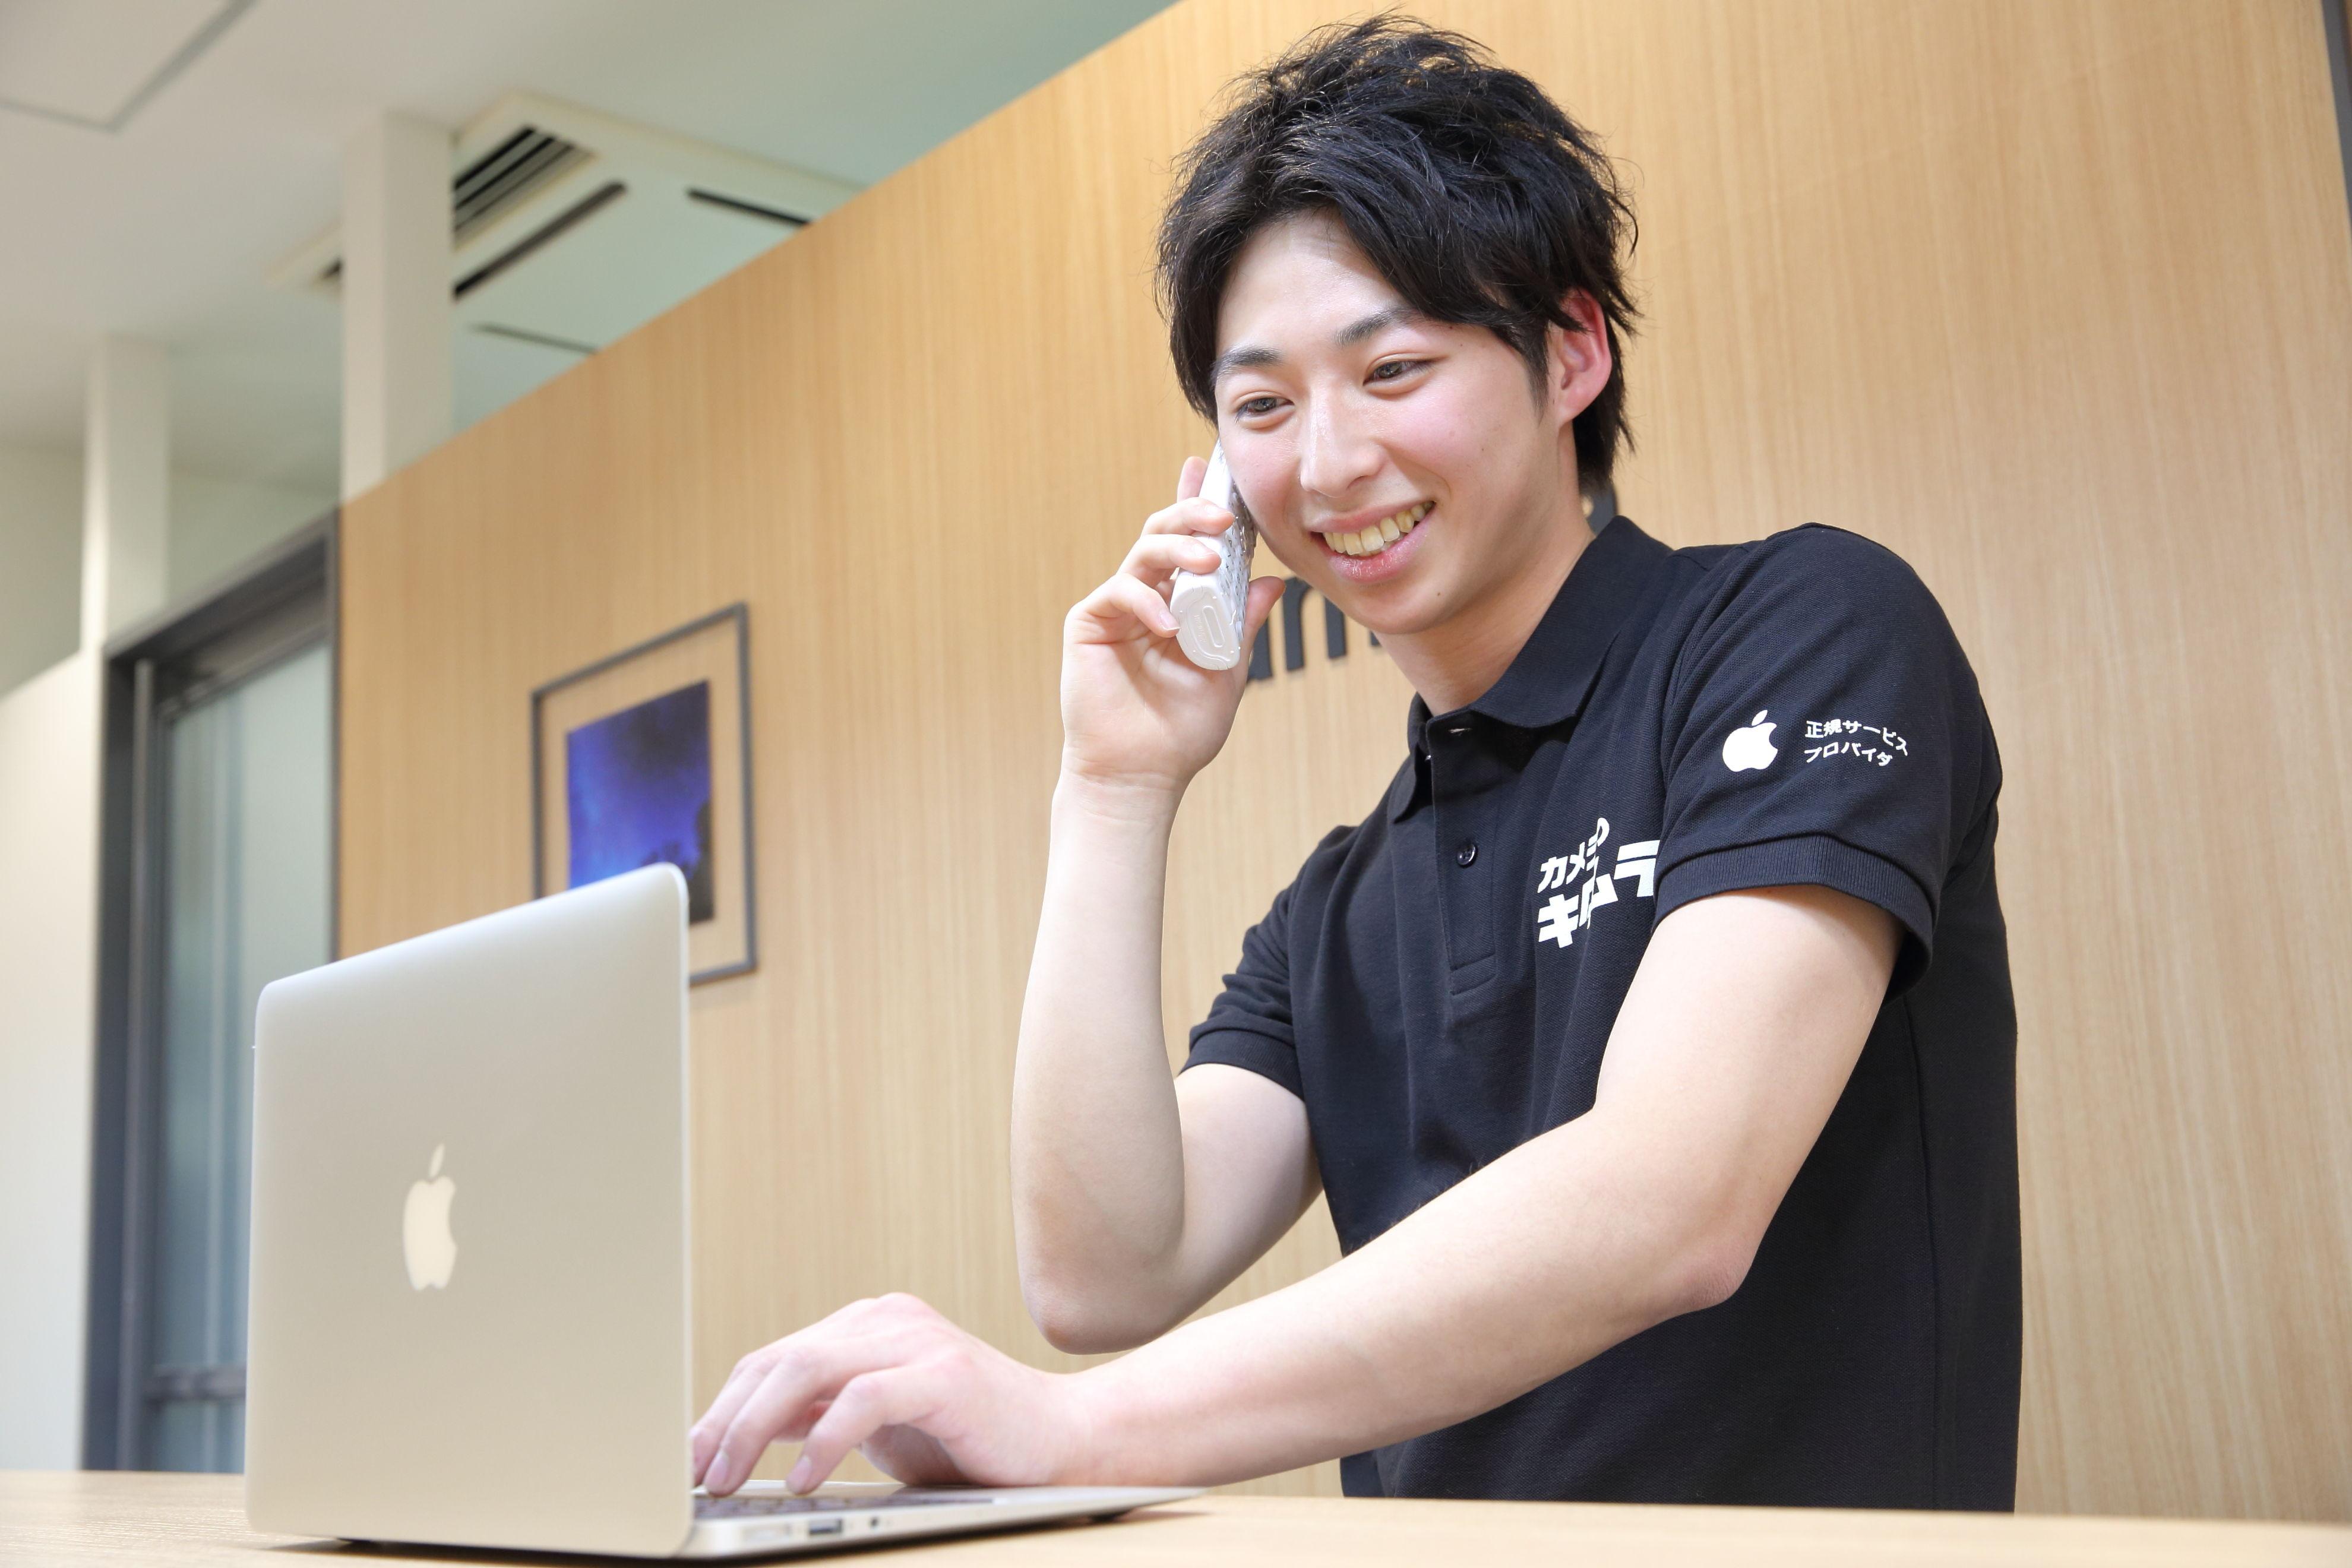 カメラのキタムラ アップル製品サービス 静岡/アピタ静岡店 のアルバイト情報